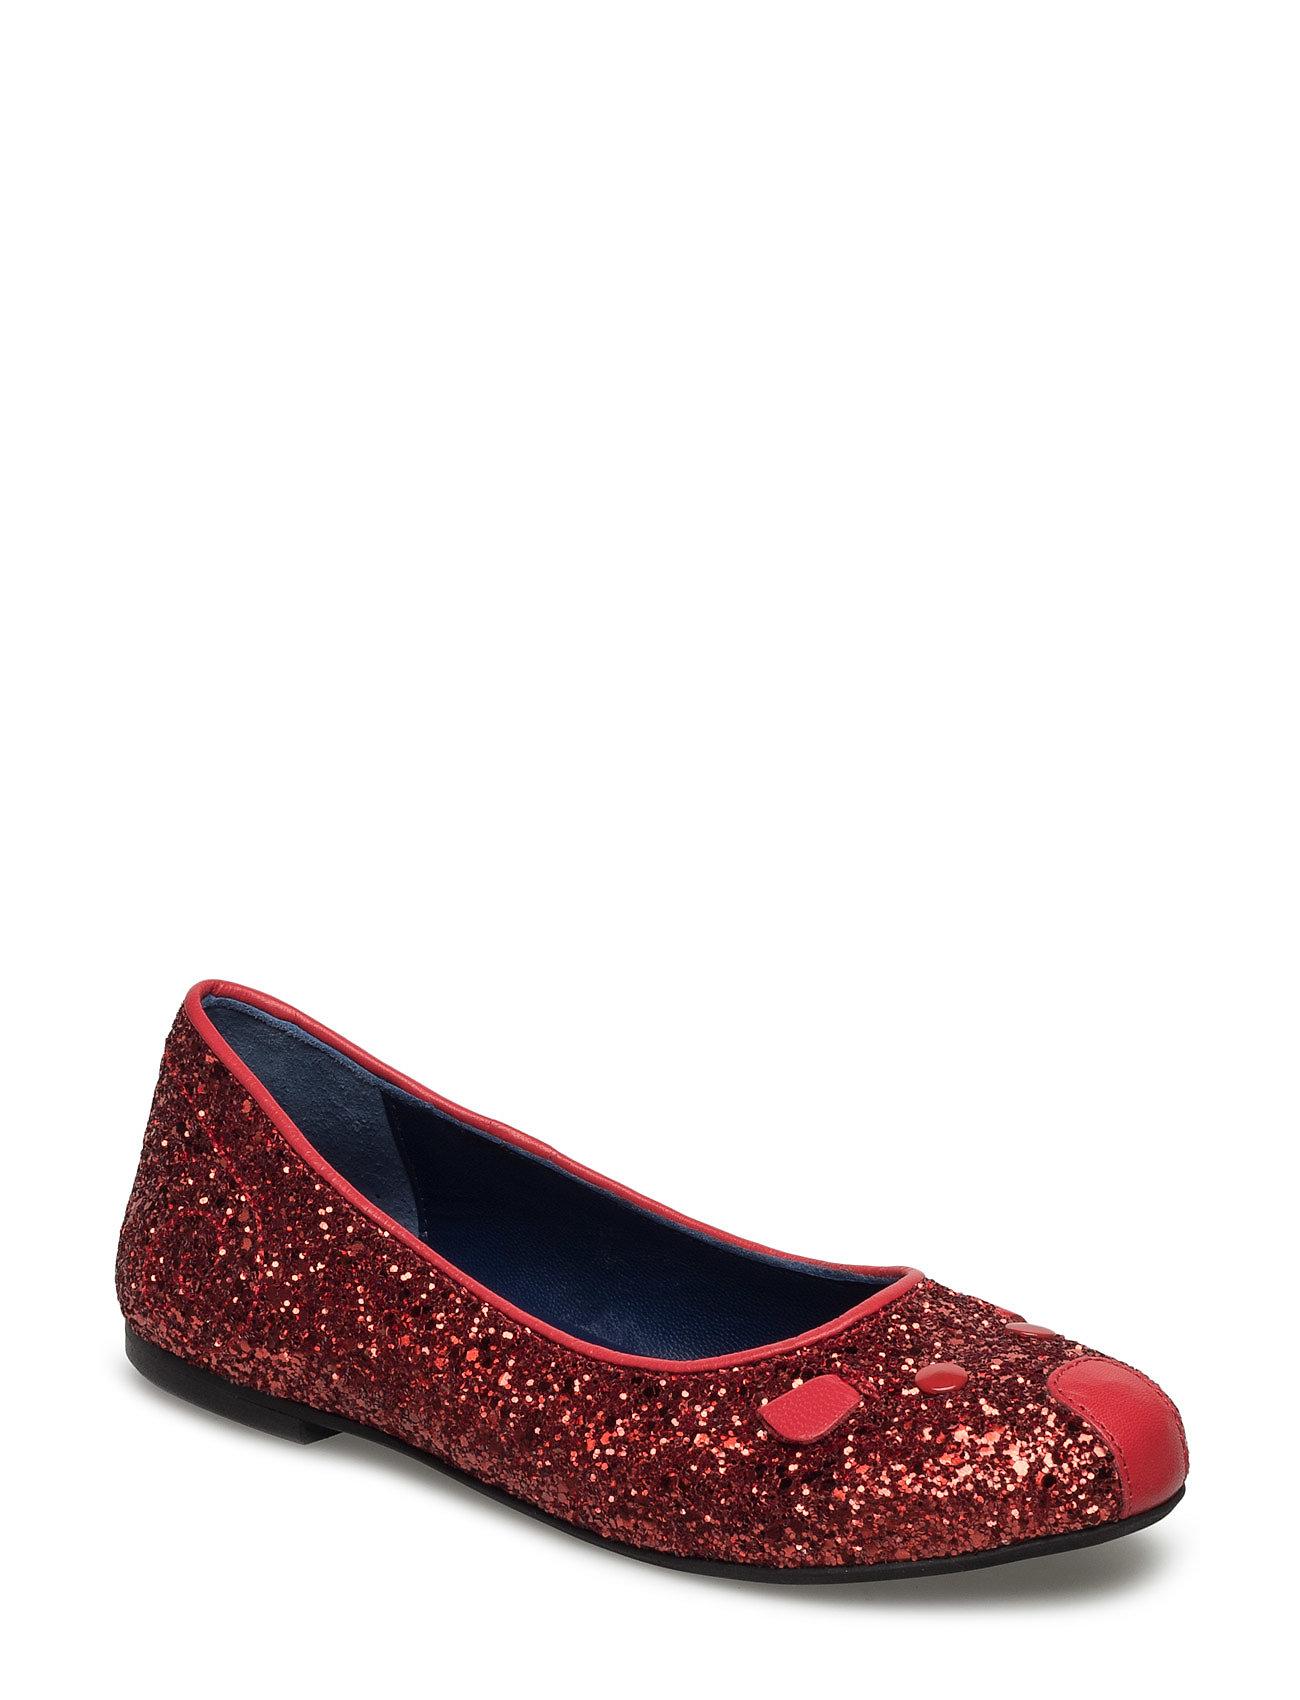 Ballerina Shoes Little Marc Jacobs Sko til Piger i Rød